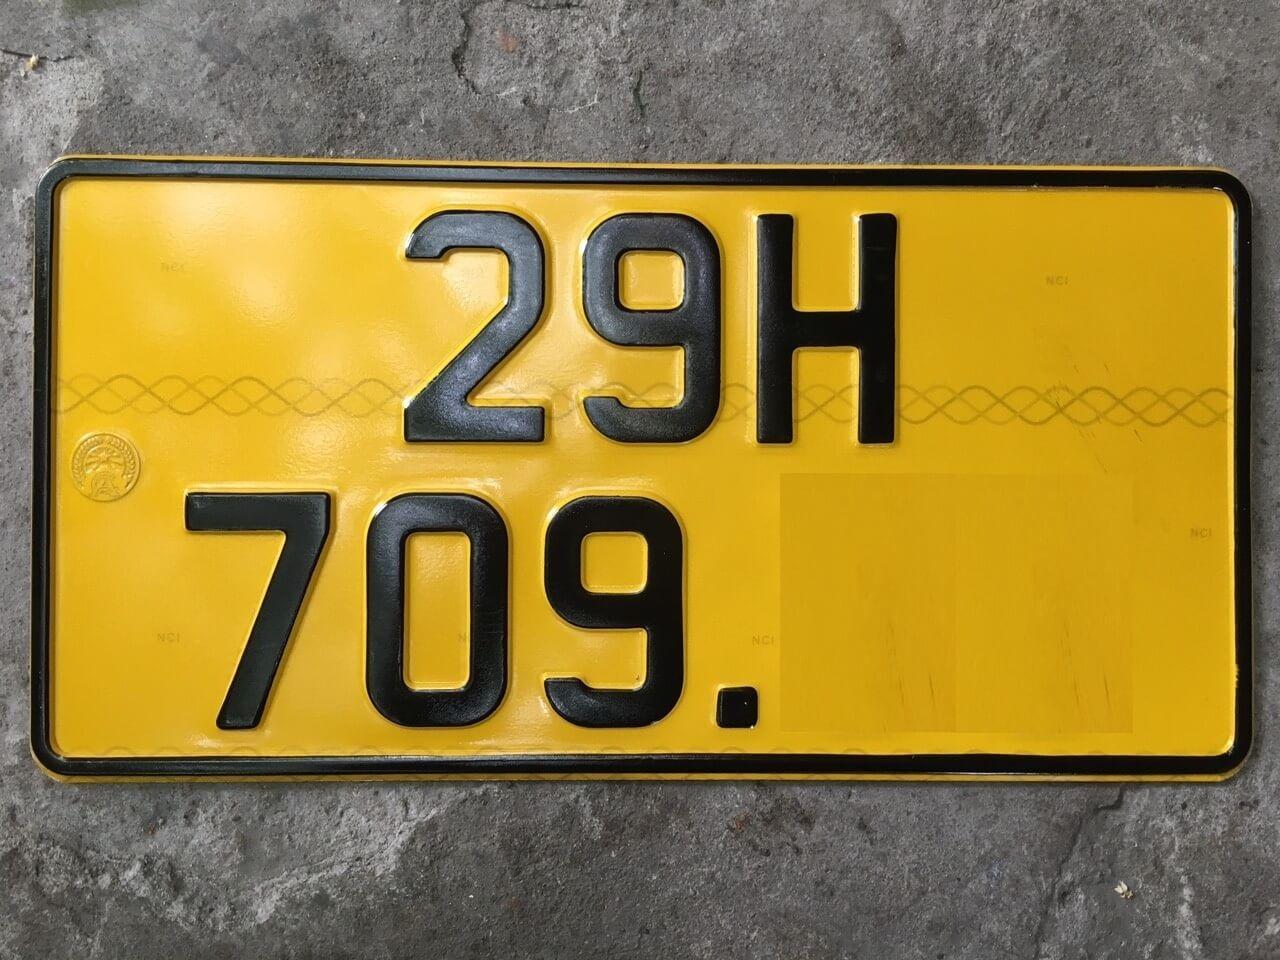 thu hồi đăng ký xe, biển số xe kinh doanh vận tải